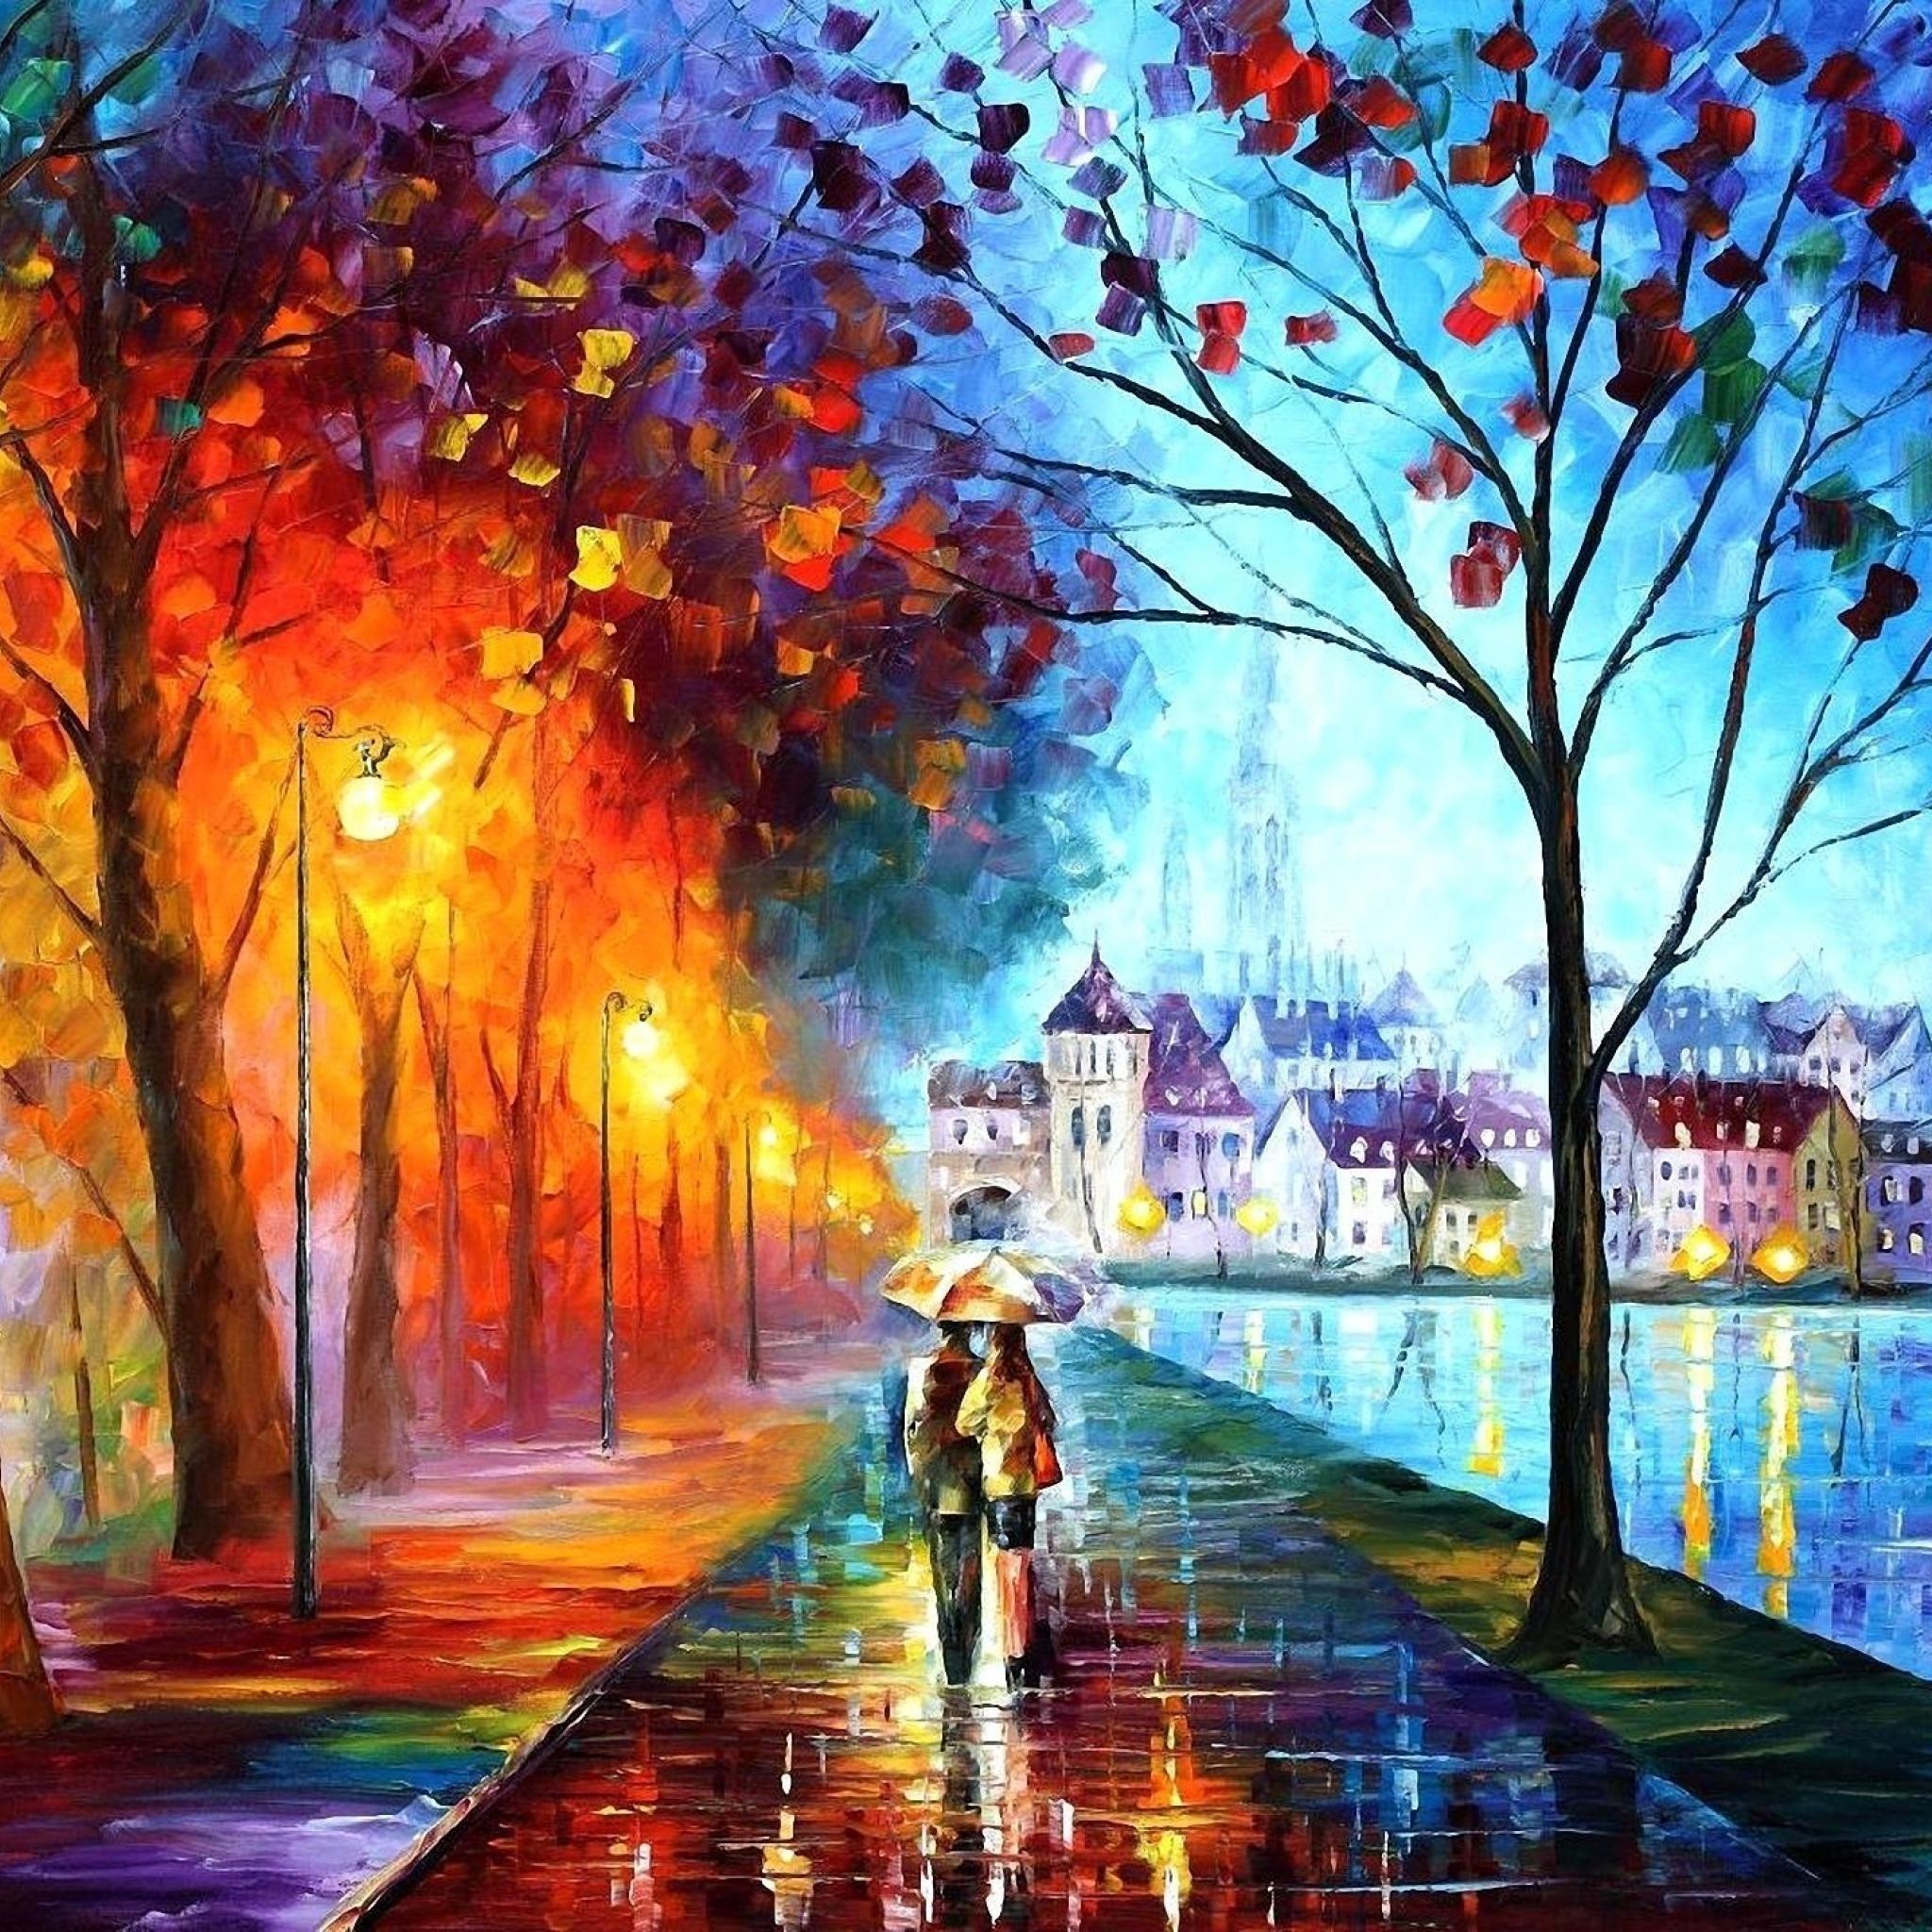 Wallpaper 2048x2048 Autumn Drawing Walking New iPad Air 4 3 iPad 2048x2048